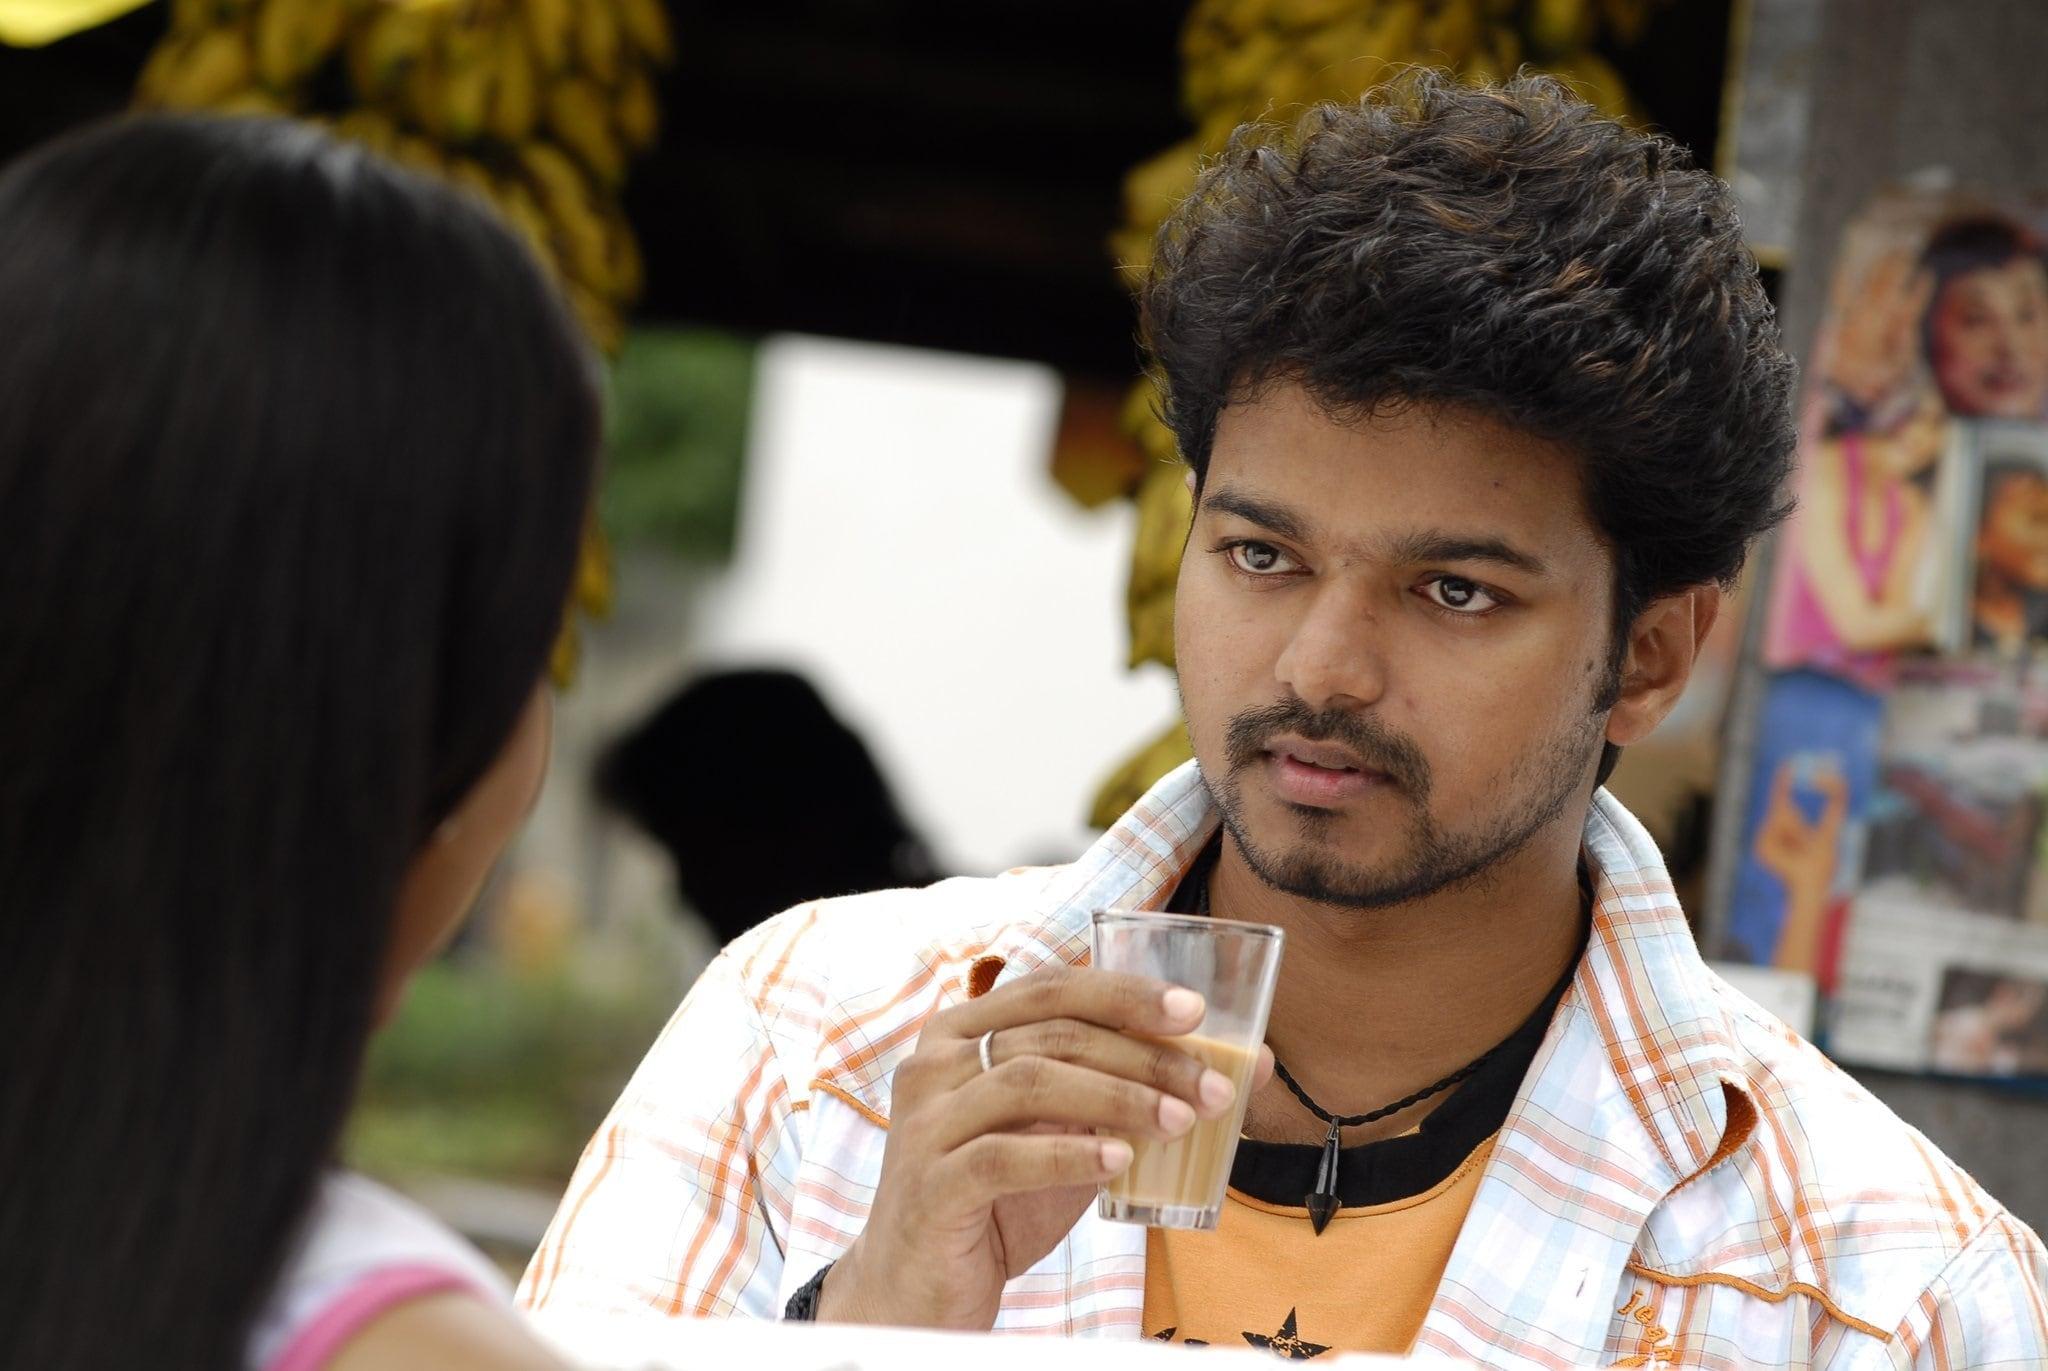 இணையத்தை கலக்கும் நடிகர் விஜய்யின் புகைப்படங்கள் ( PHOTO : TWITTER)